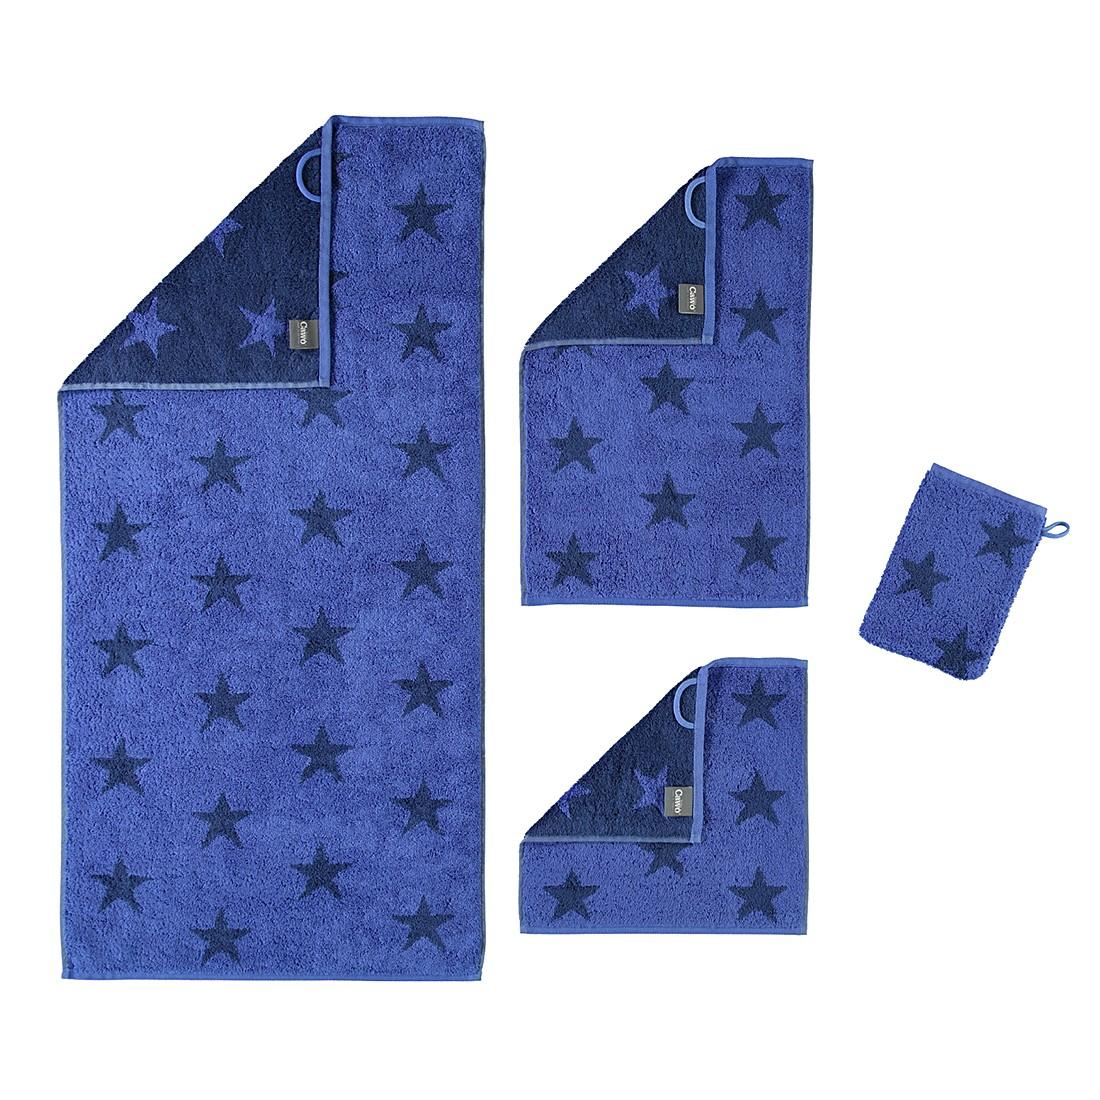 handt cher stars 525 baumwolle blau seiflappen 30x30 cm caw g nstig online kaufen. Black Bedroom Furniture Sets. Home Design Ideas